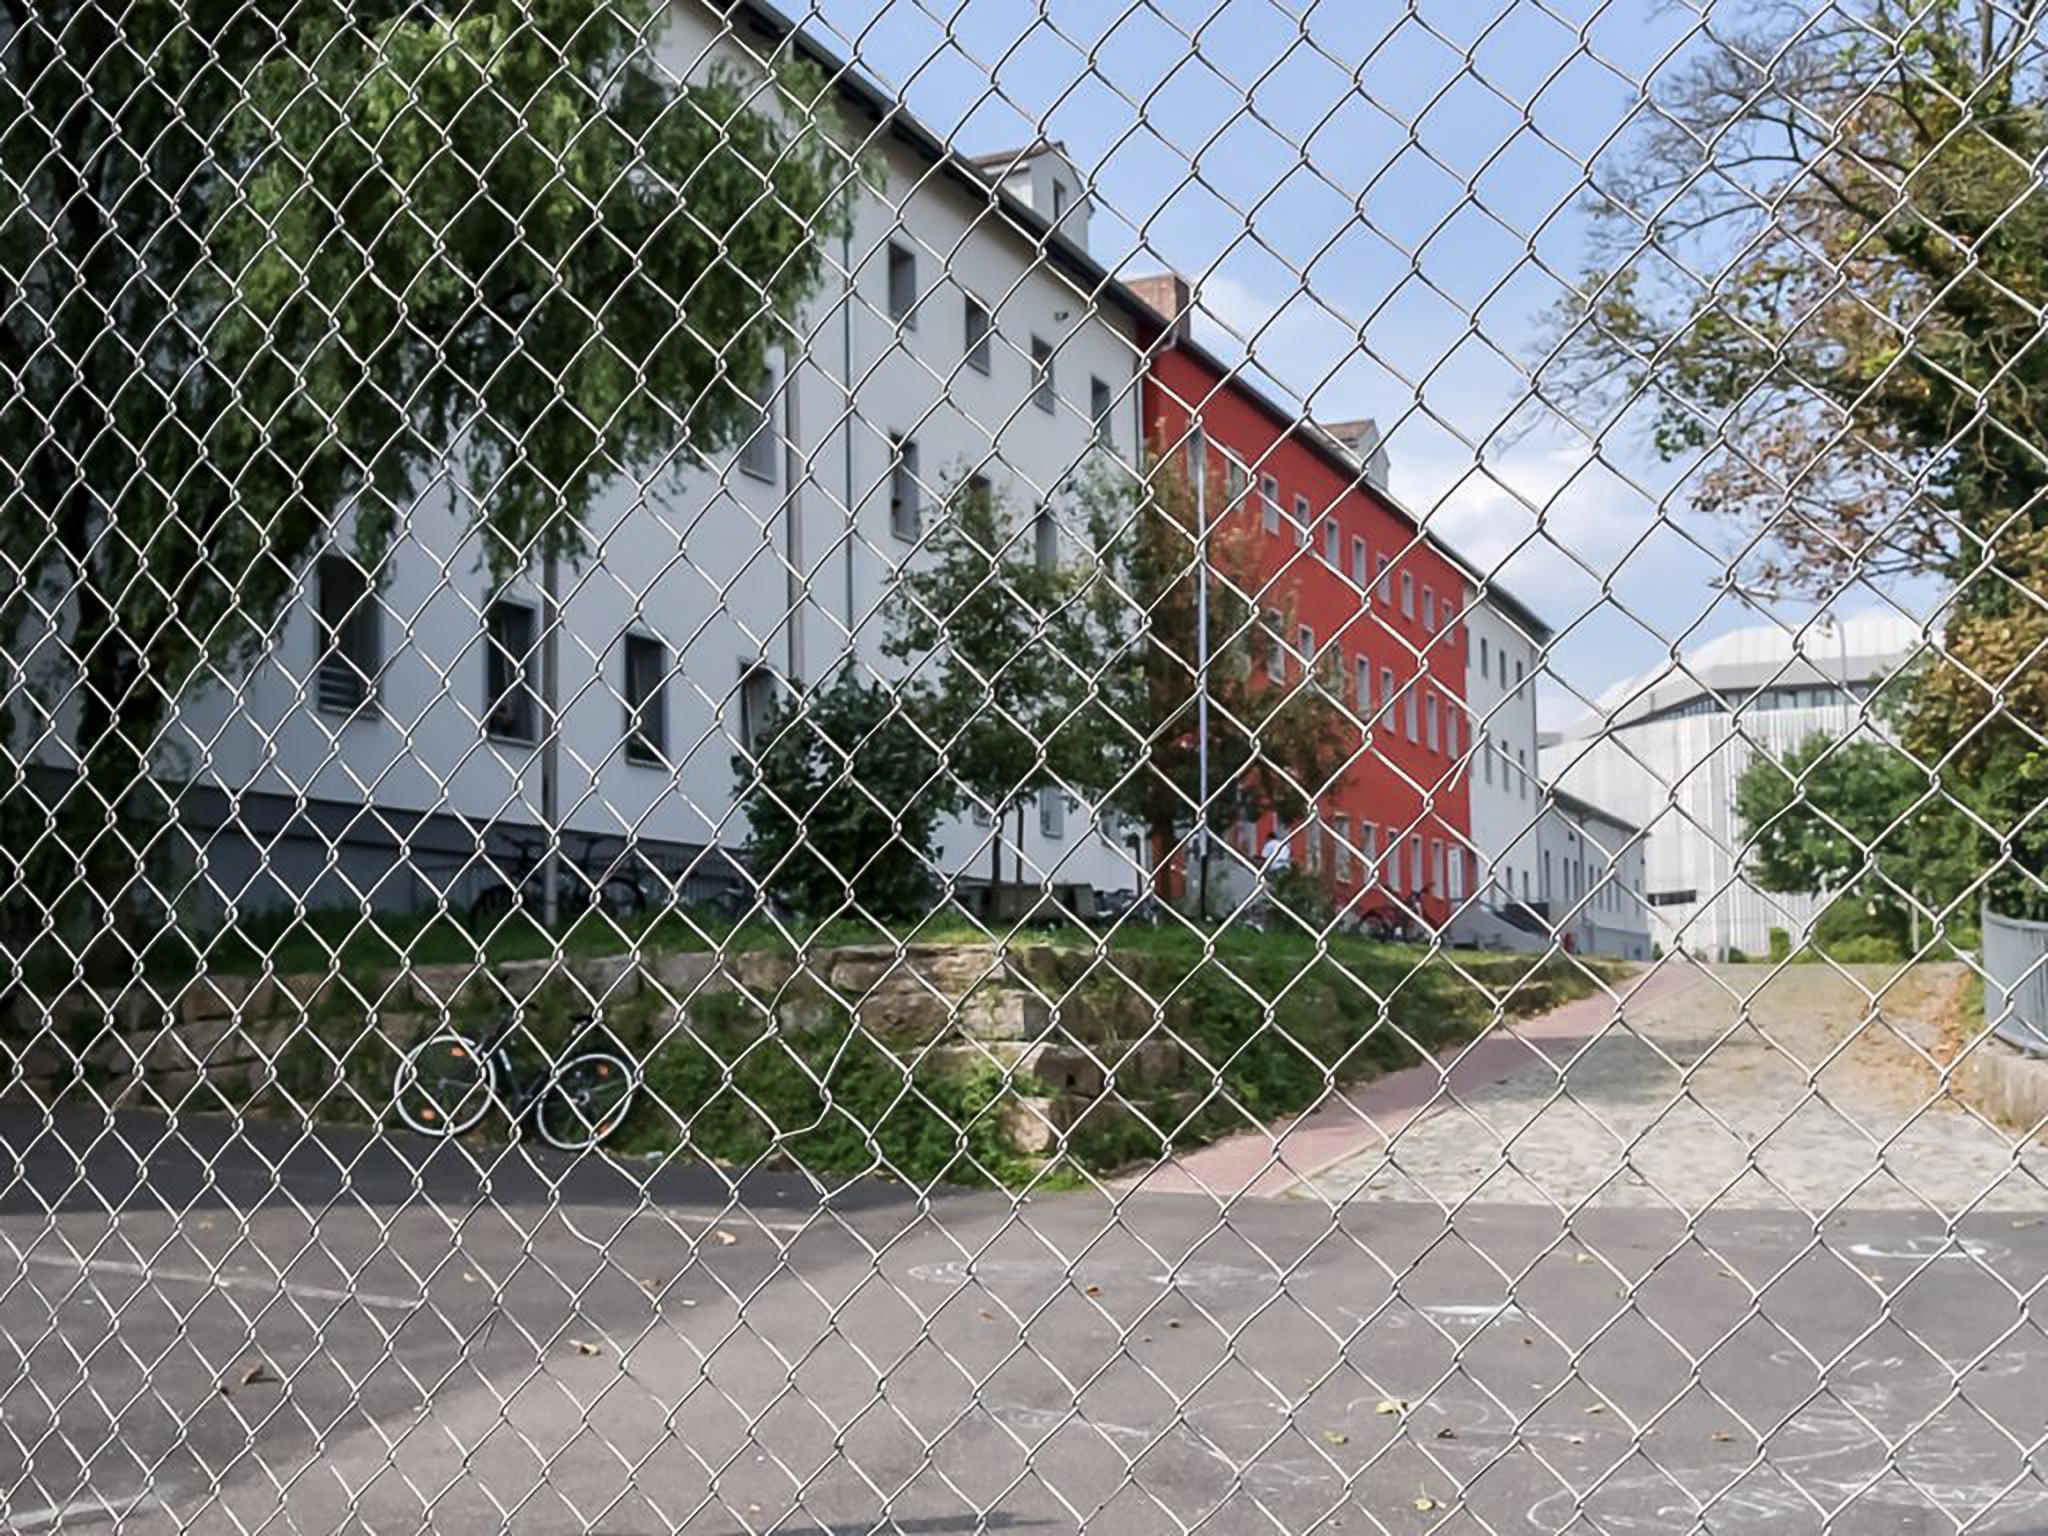 Die Gemeinschaftsunterkunft für Asylbewerber in Heidingsfeld. Foto: Pascal Höfig